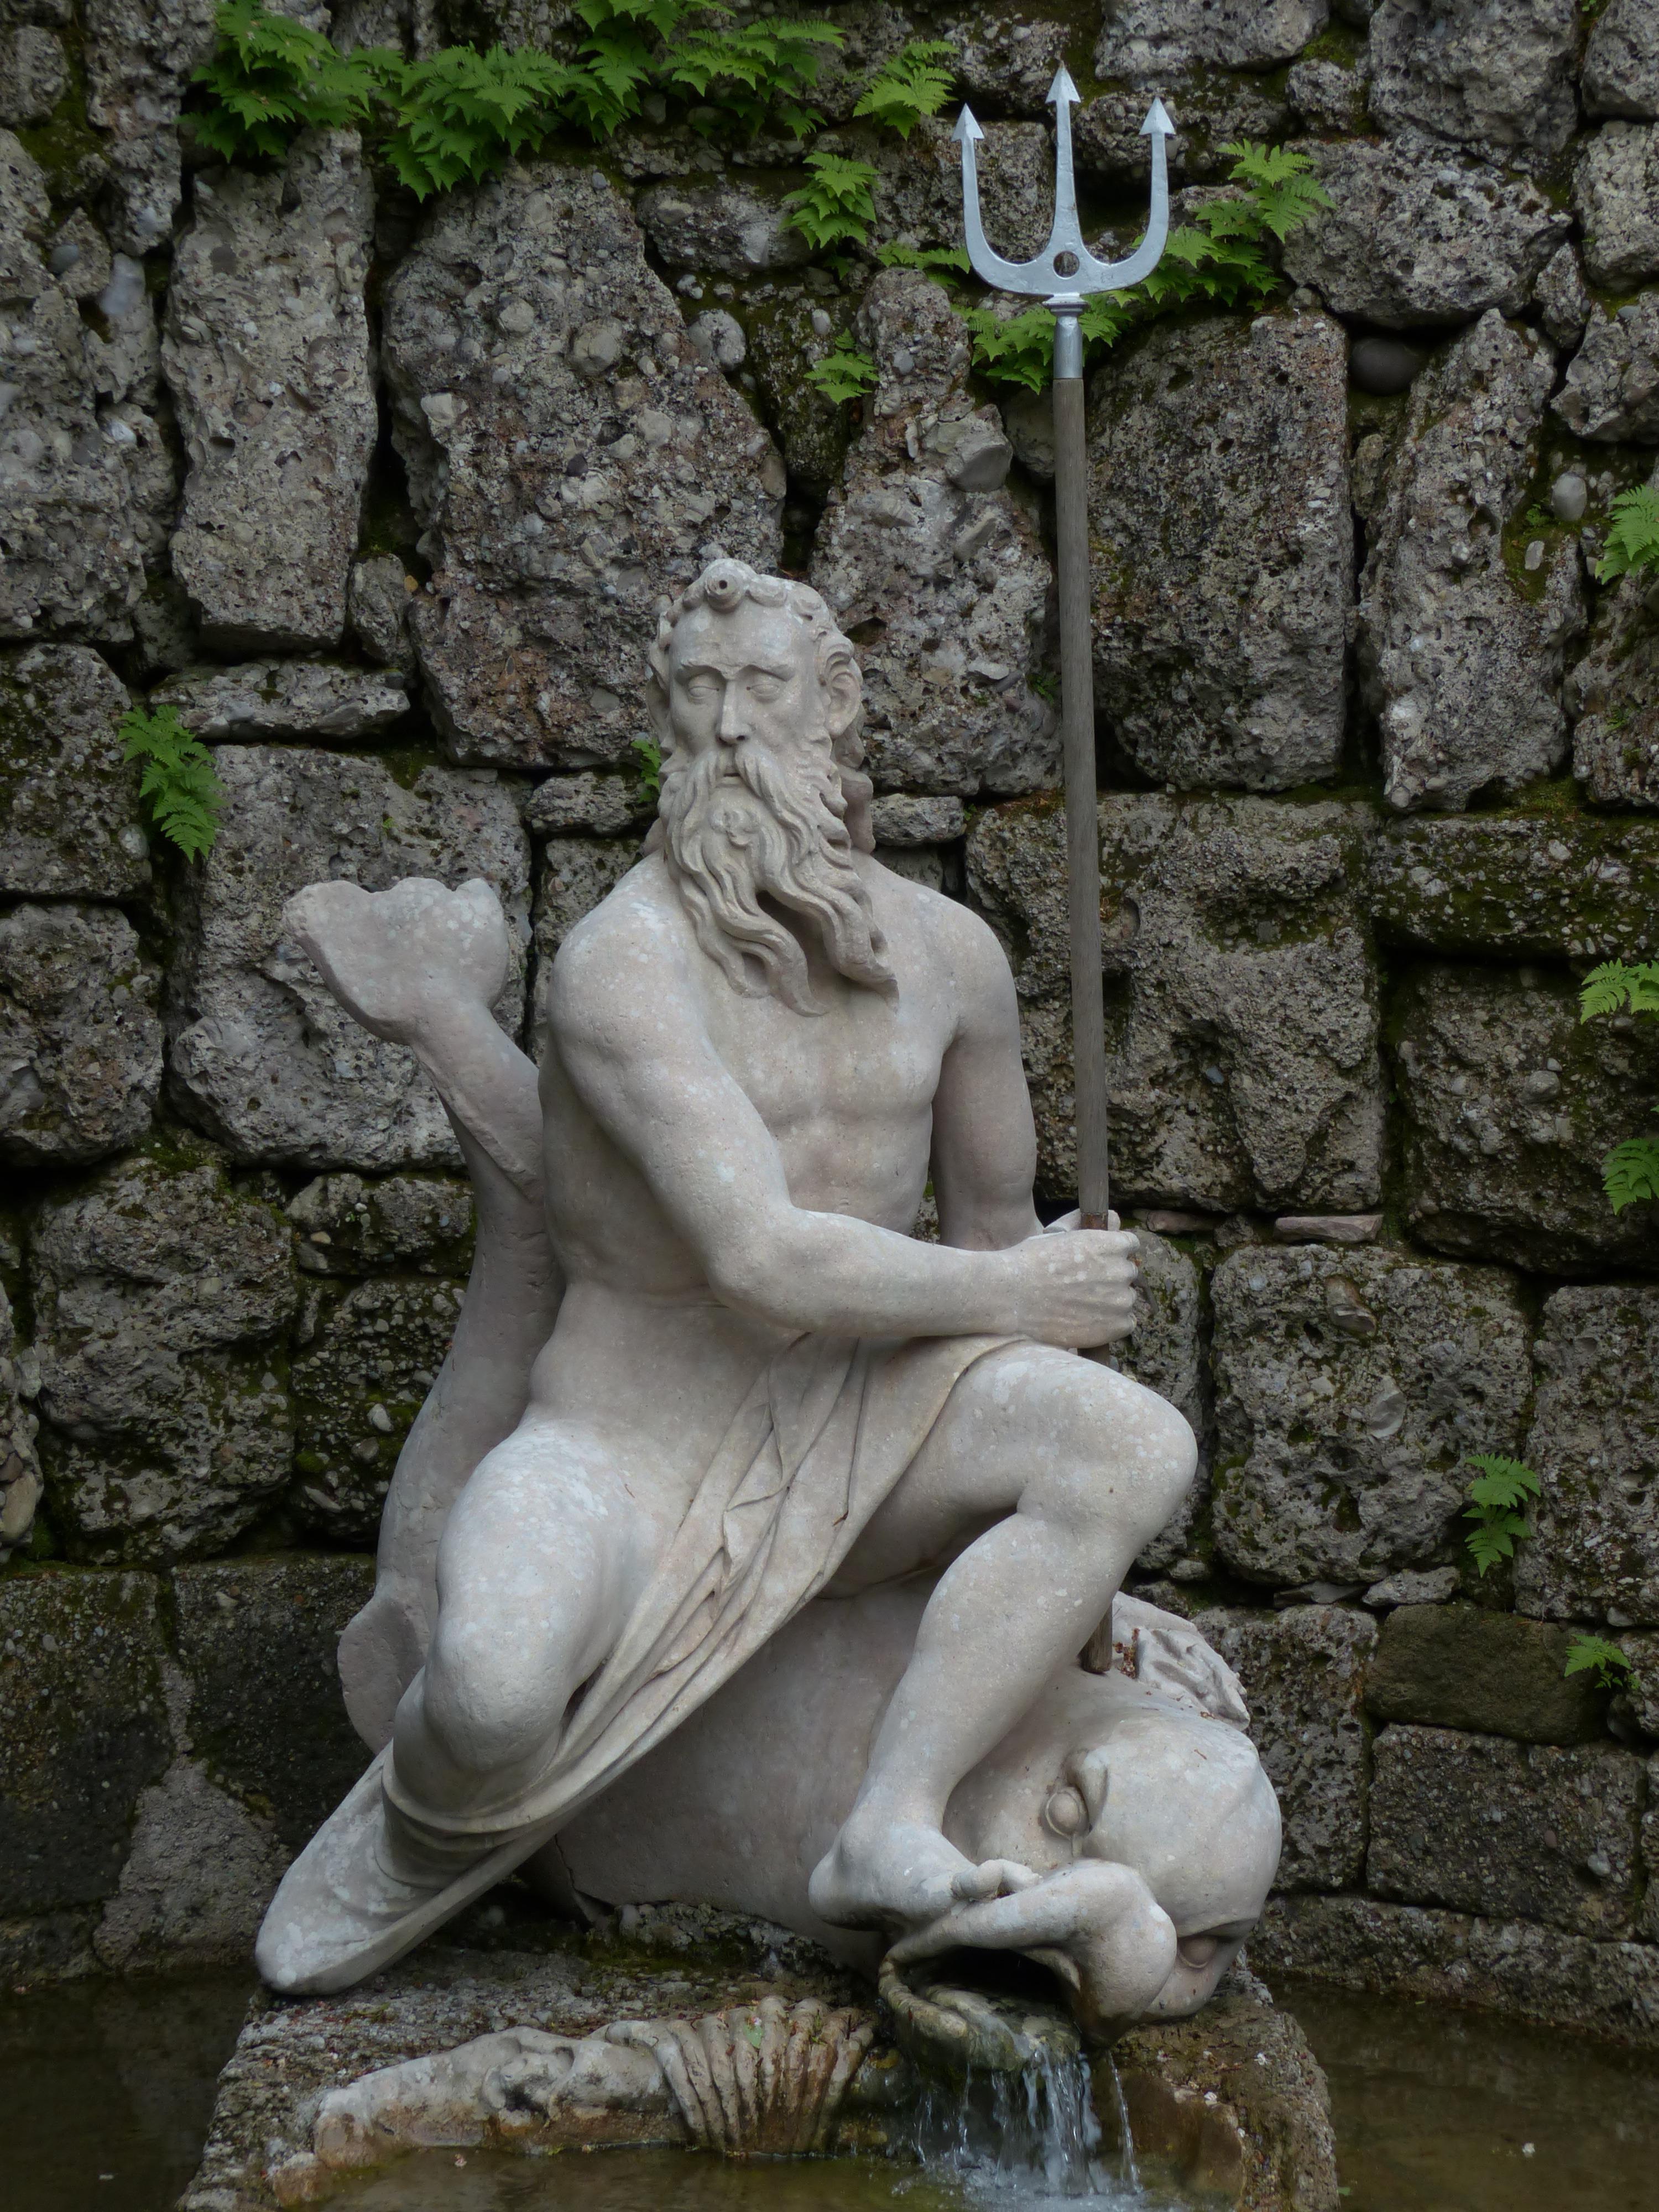 templo tallado tridente fuente de agua salsburgo mitologa neptuno figura de piedra esculpir historia antigua diablos posiciones humanas